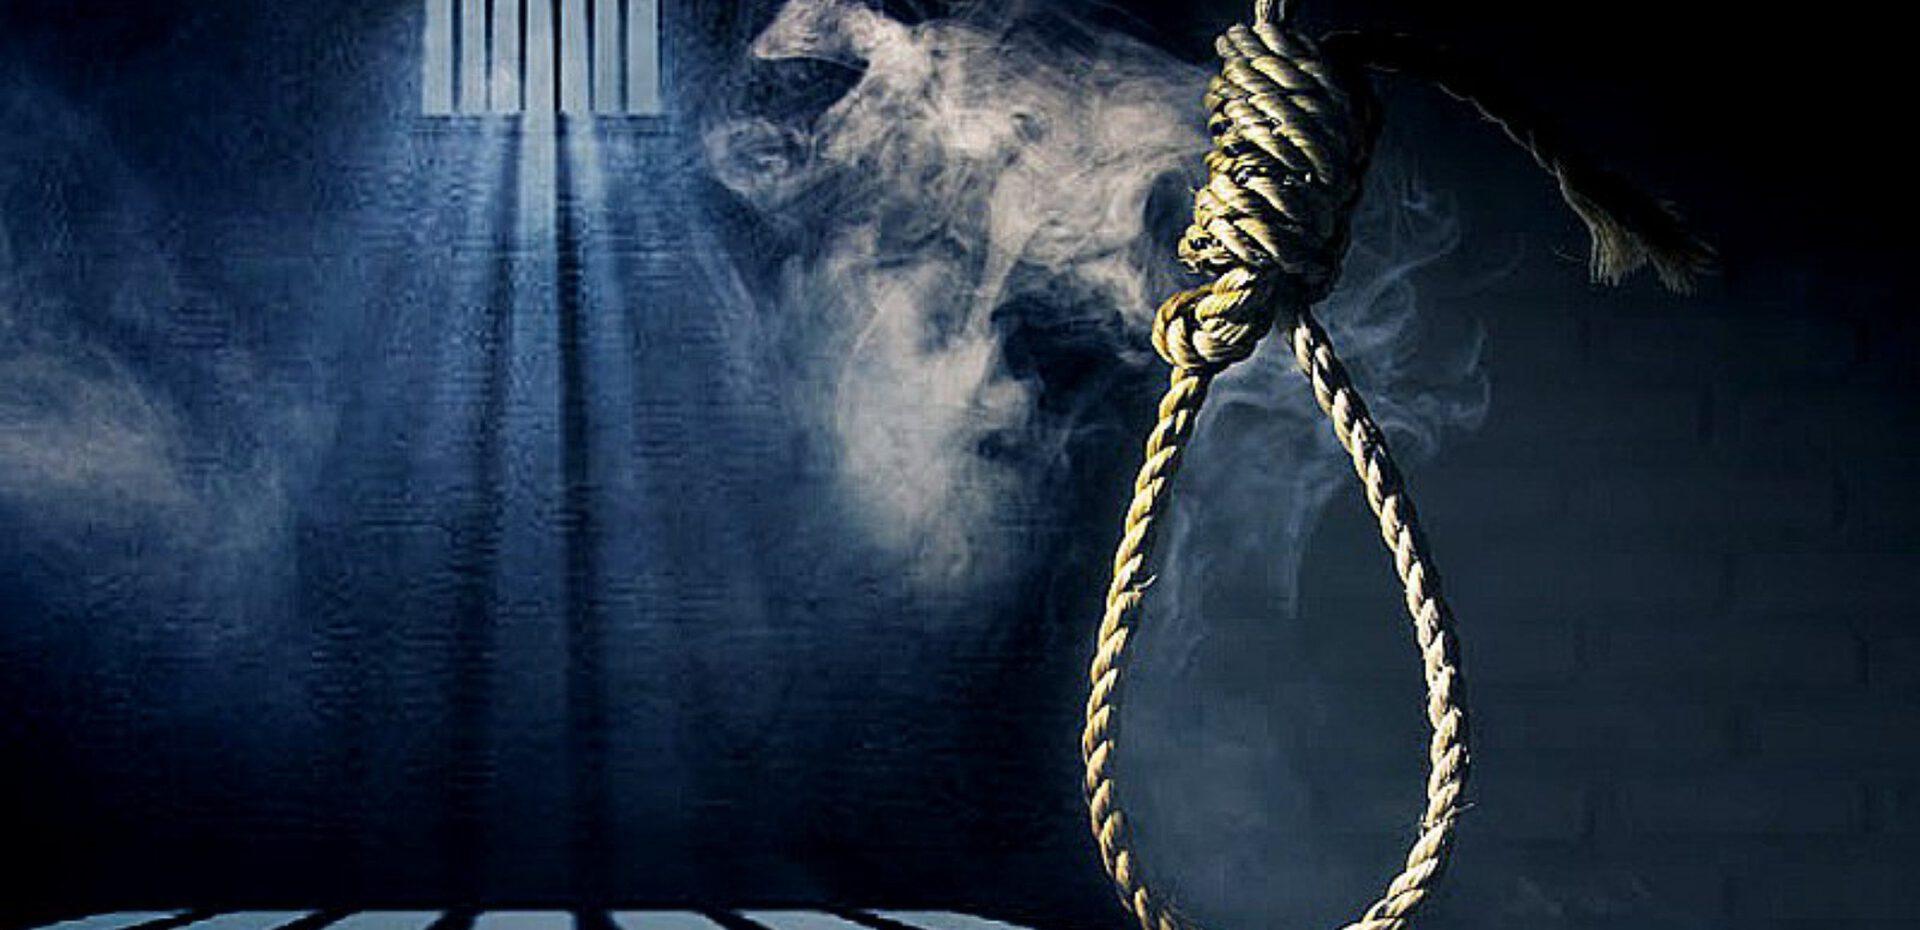 بالاترین آمار اعدام